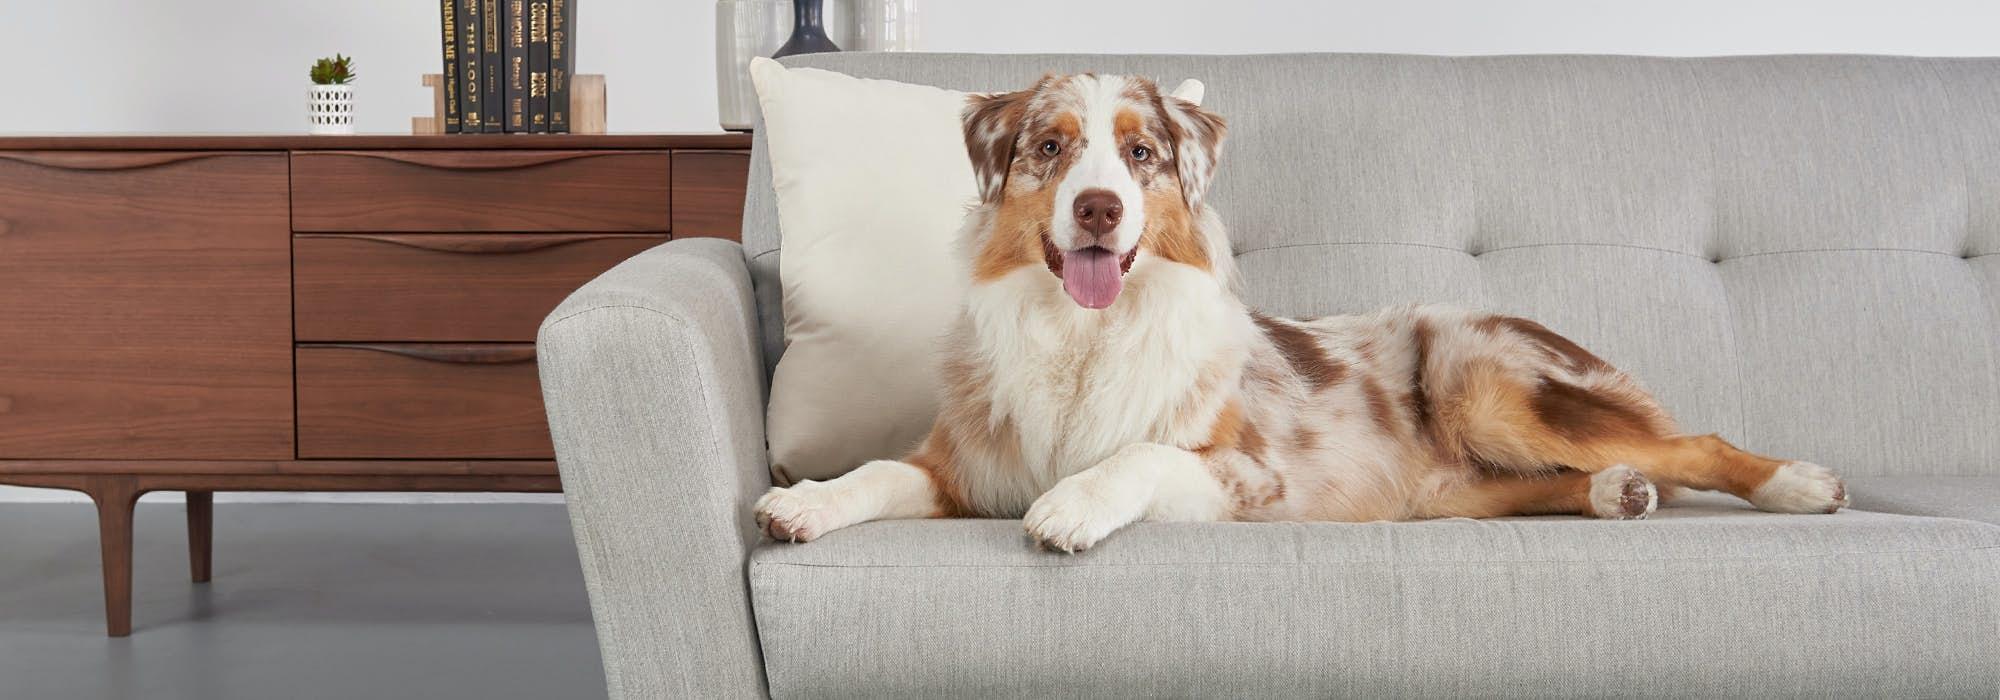 Pet Friendly Kid Furniture